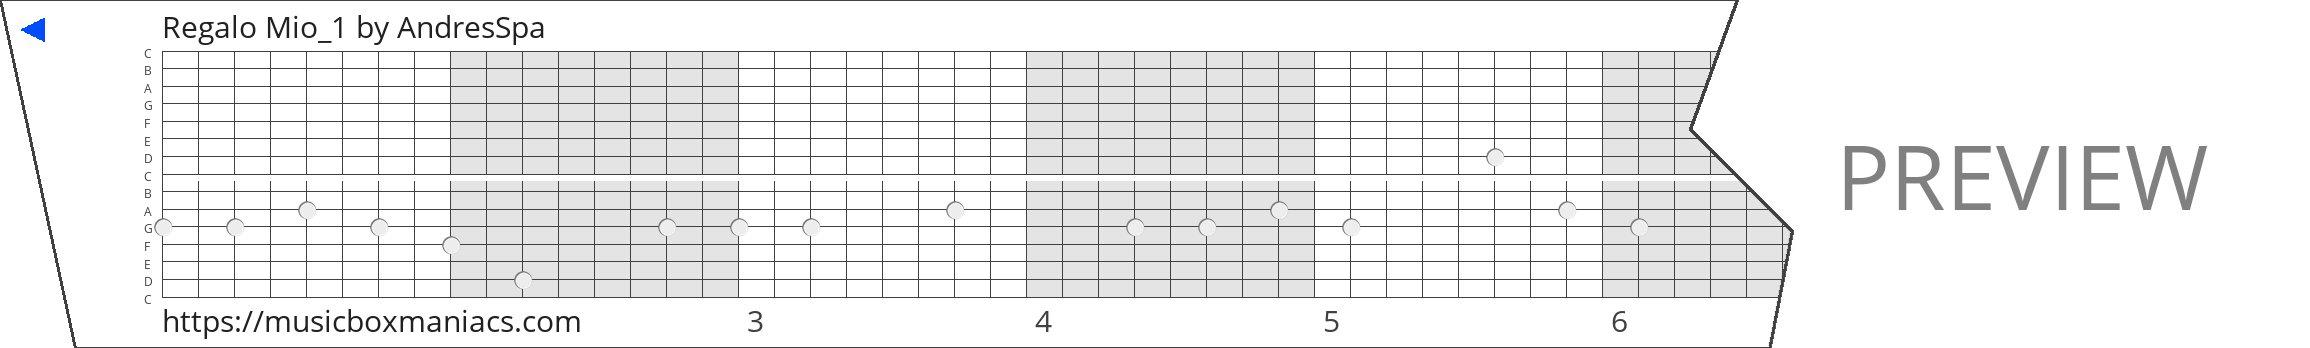 Regalo Mio_1 15 note music box paper strip